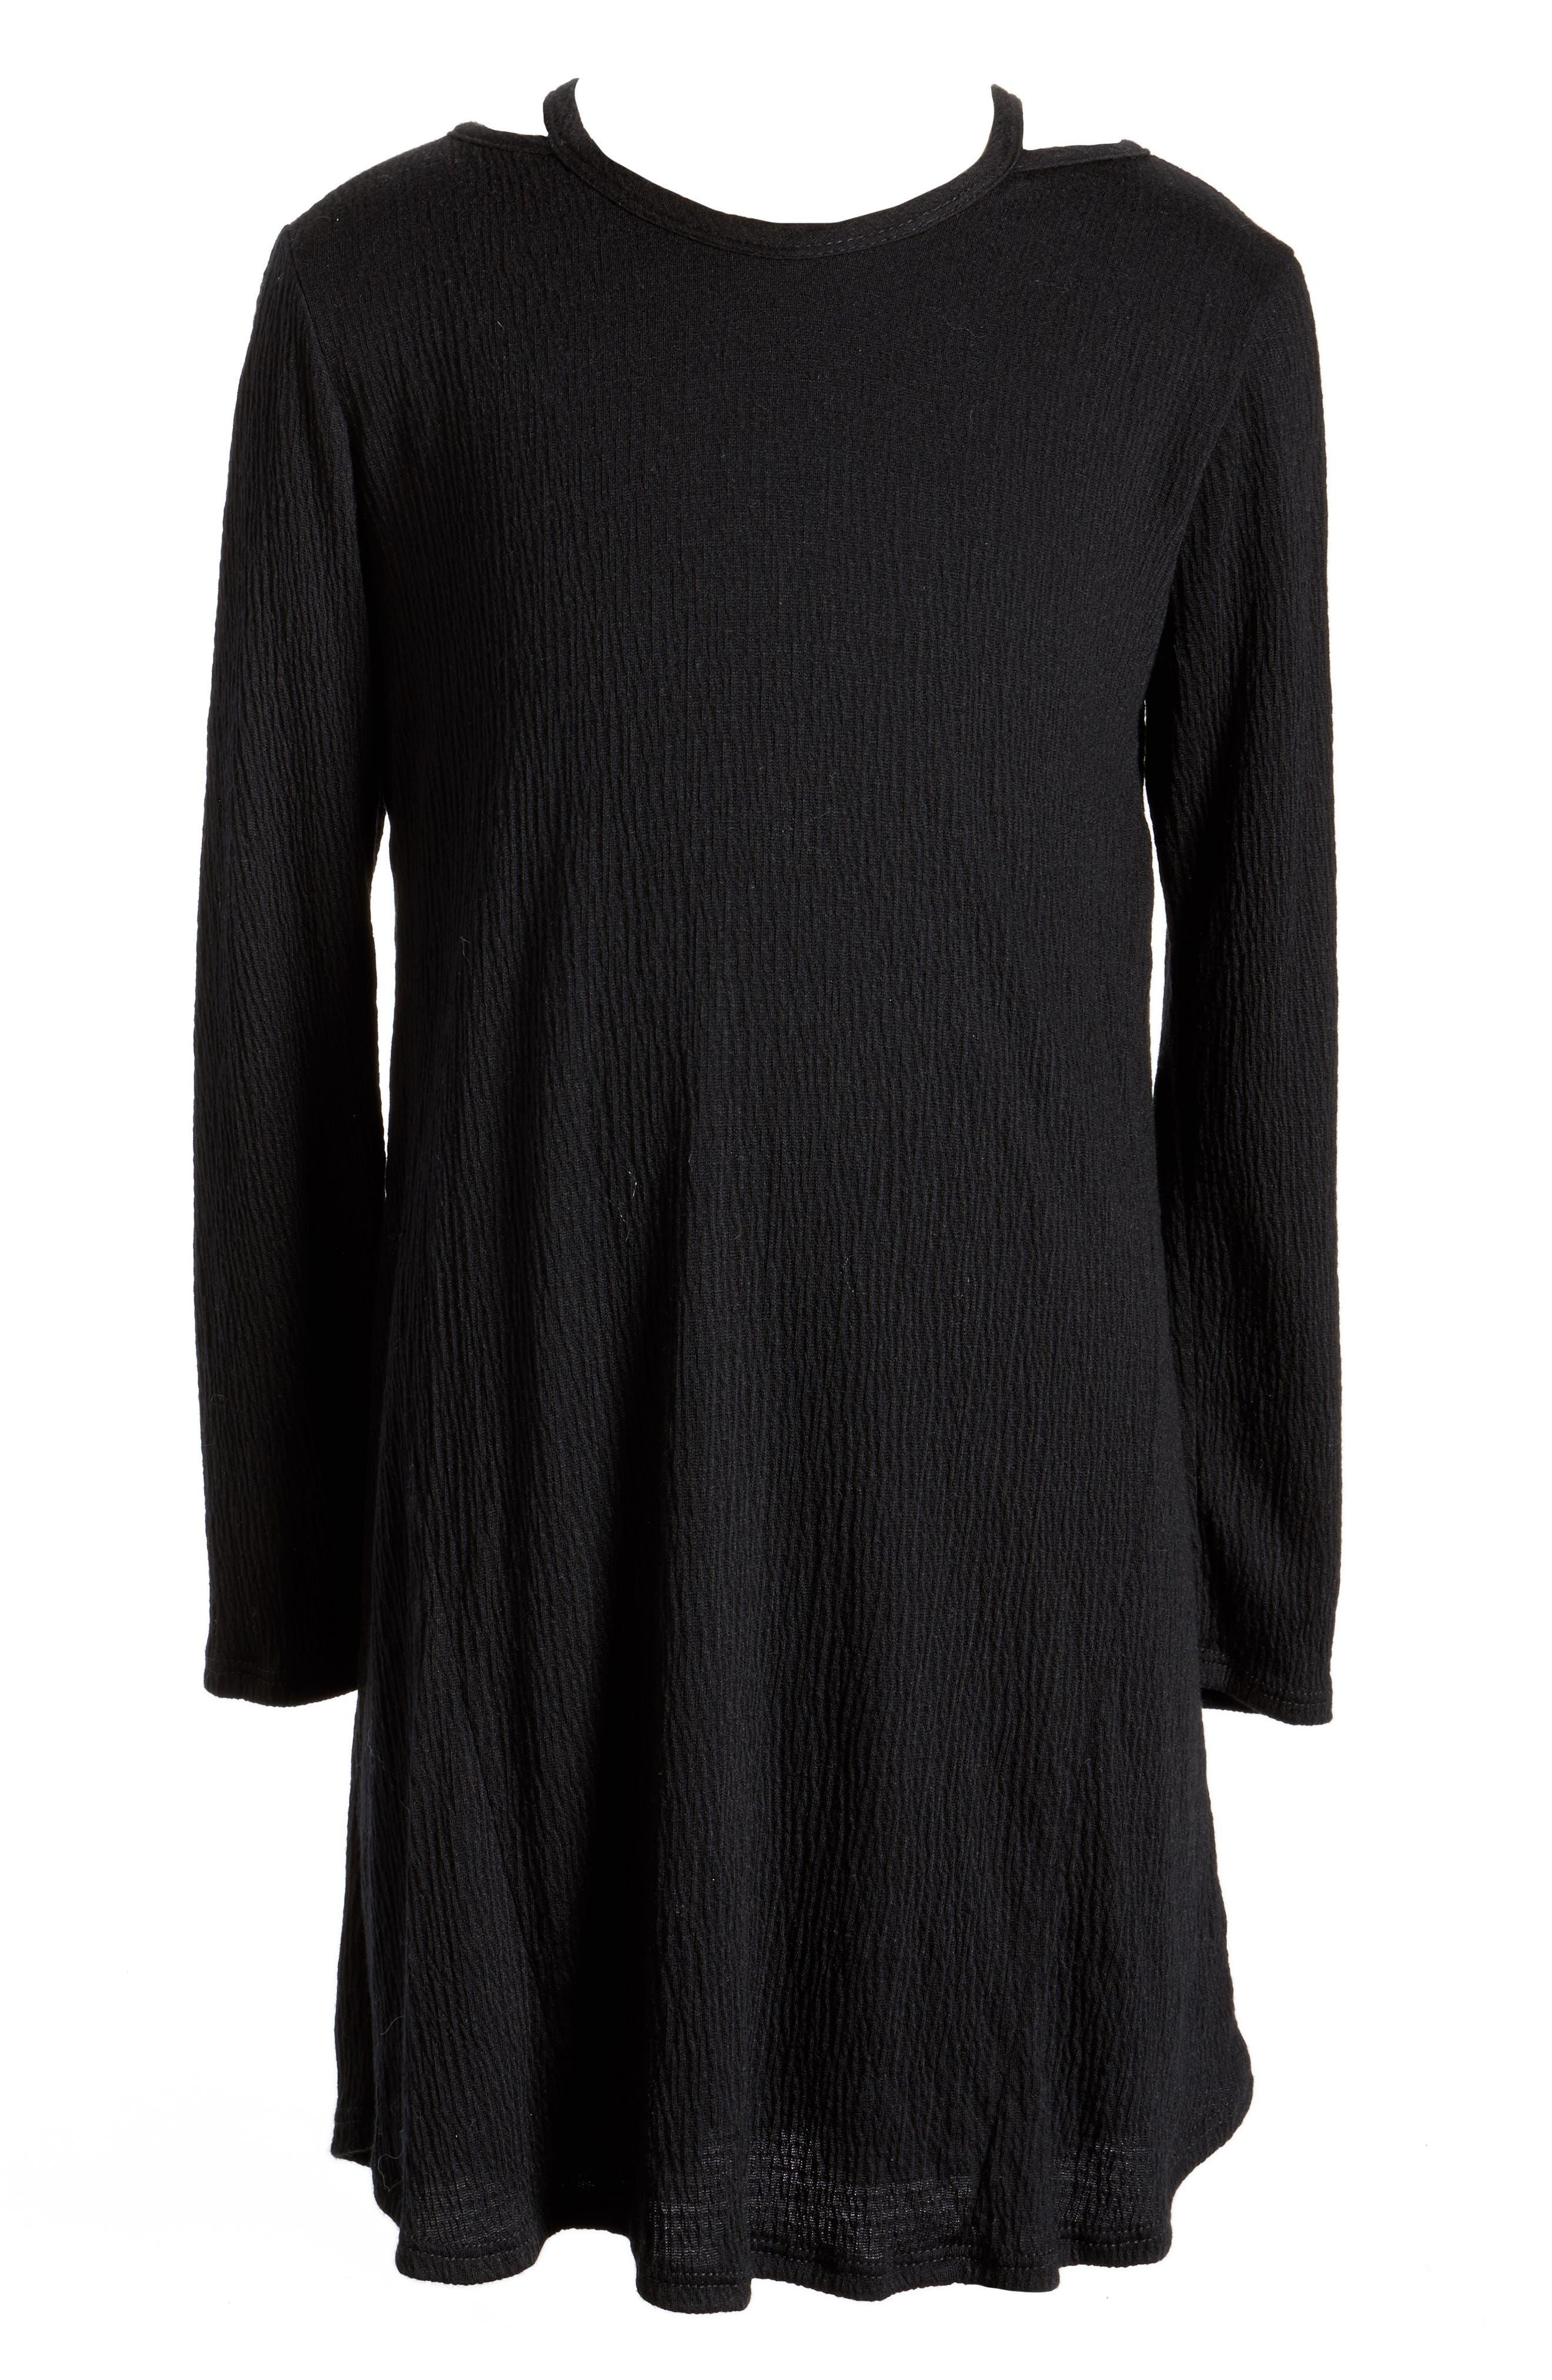 For All Seasons Cold Shoulder Dress (Big Girls)